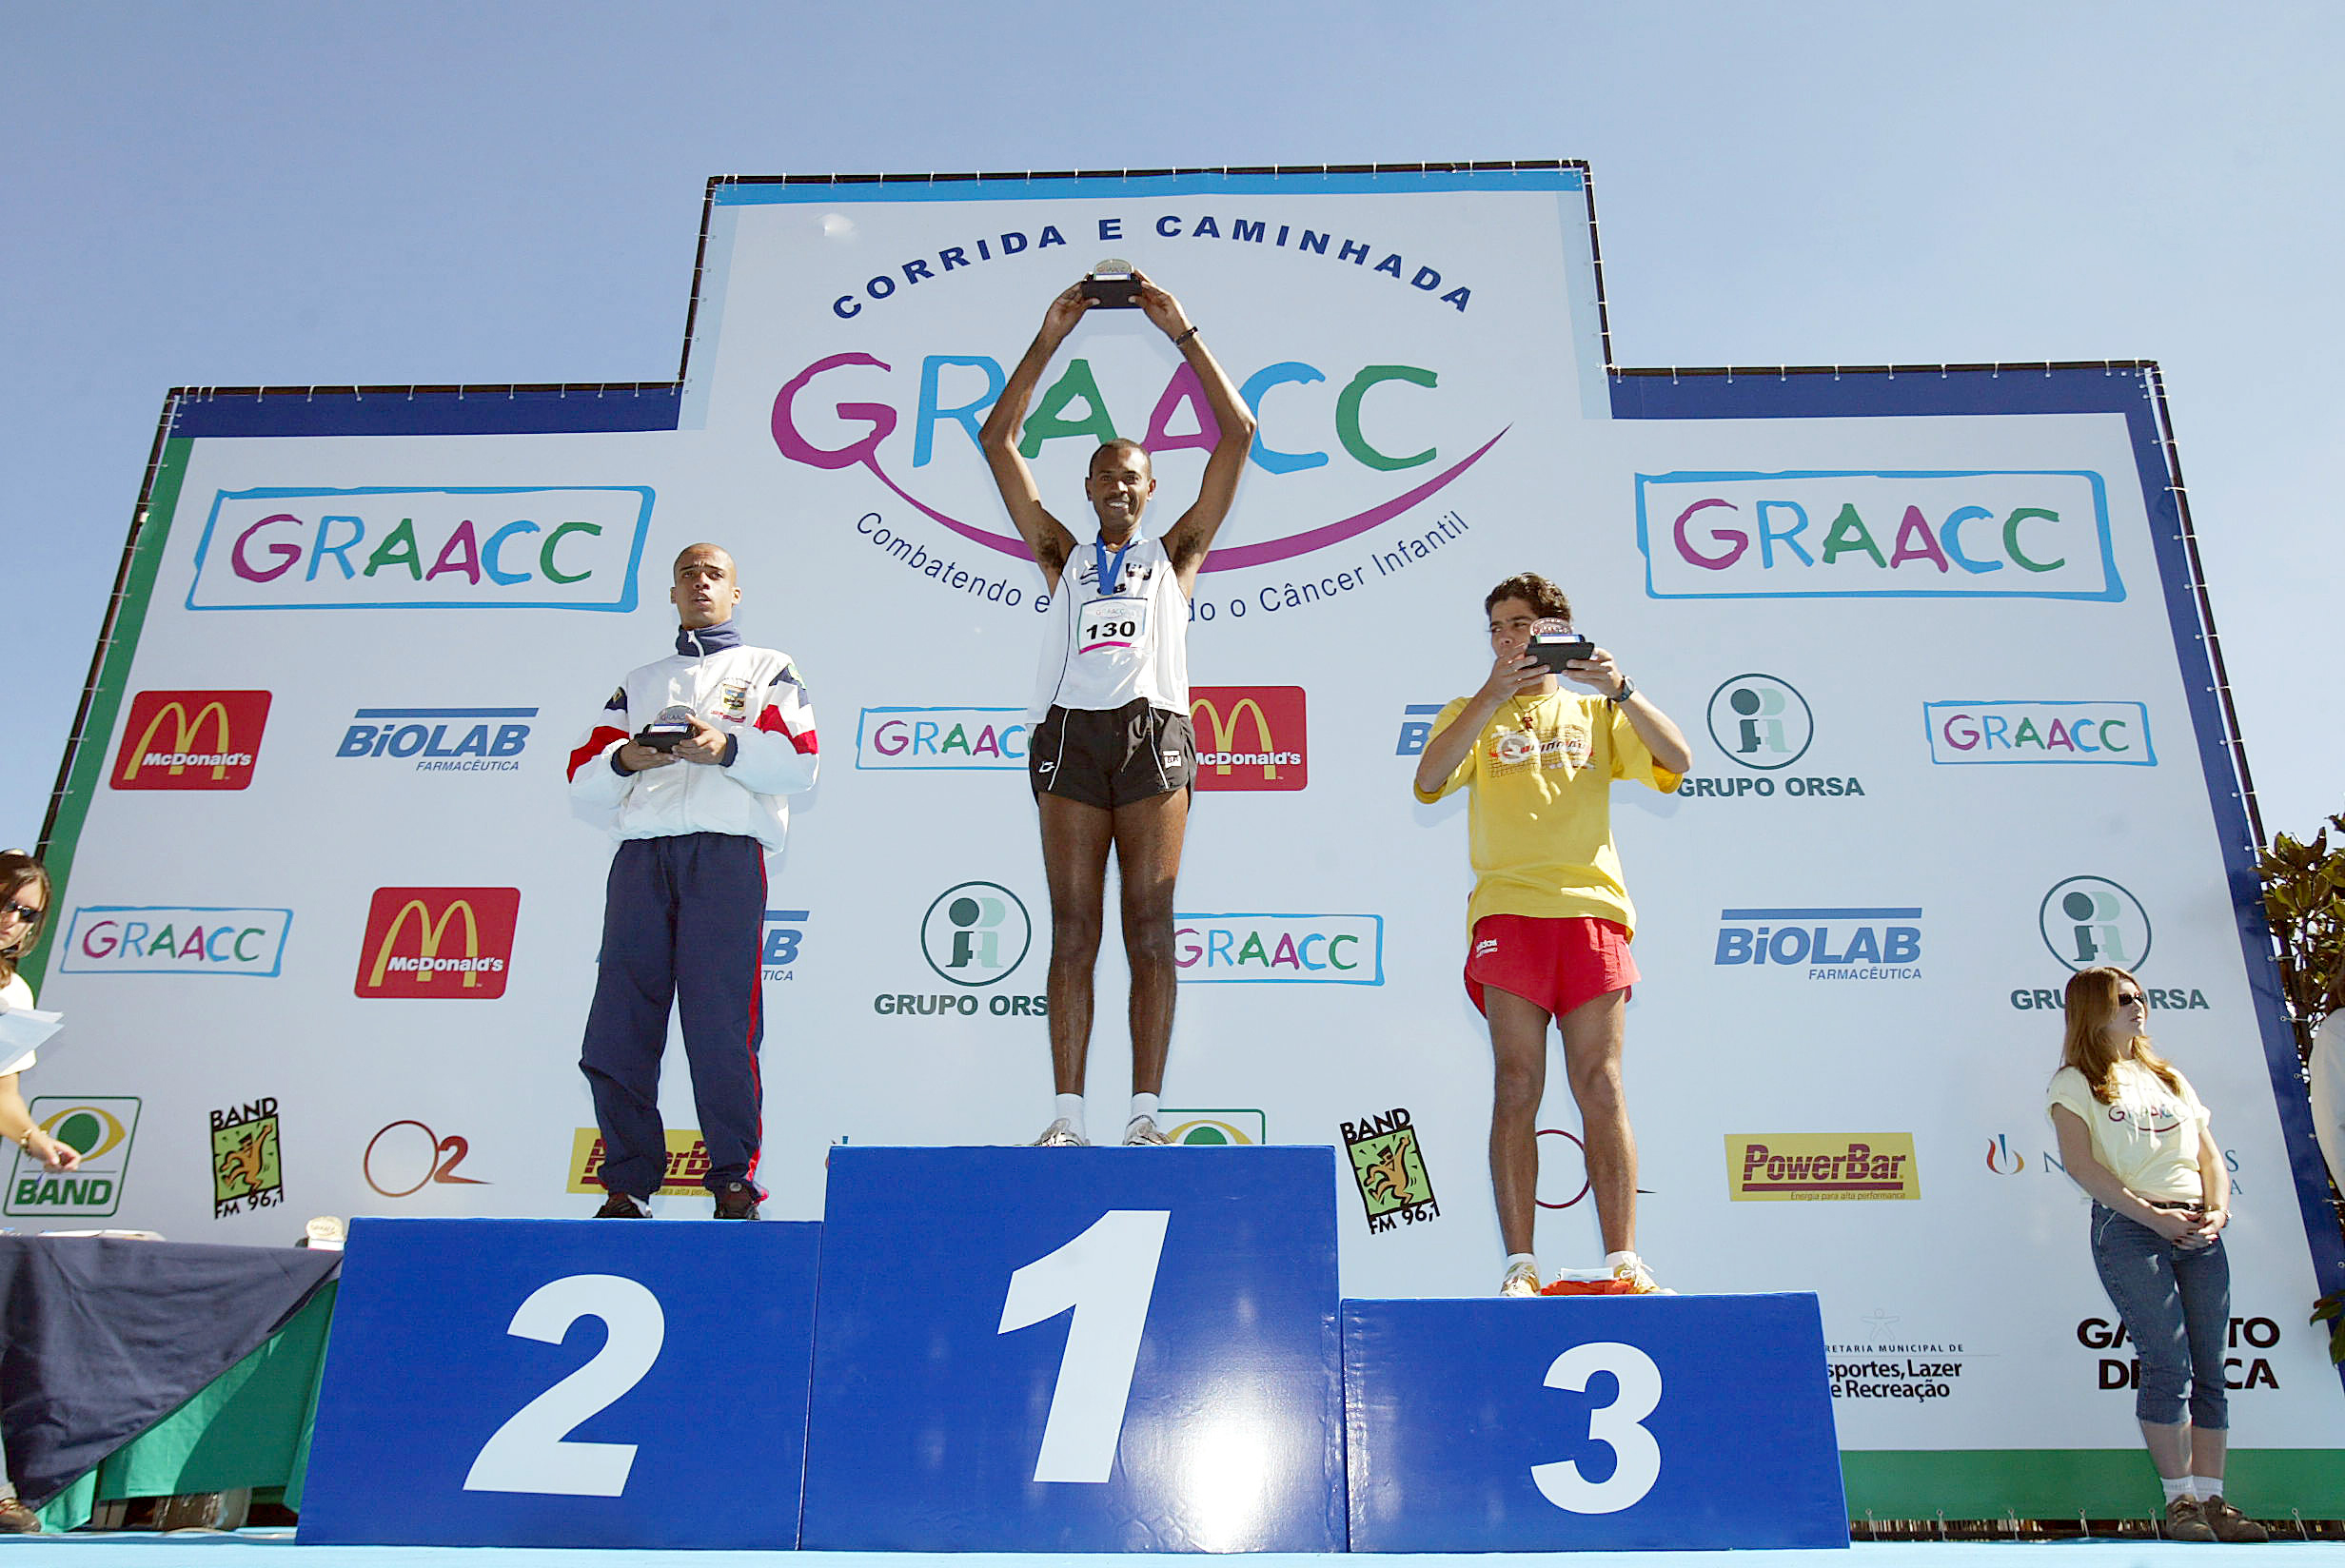 GRAACC - 346